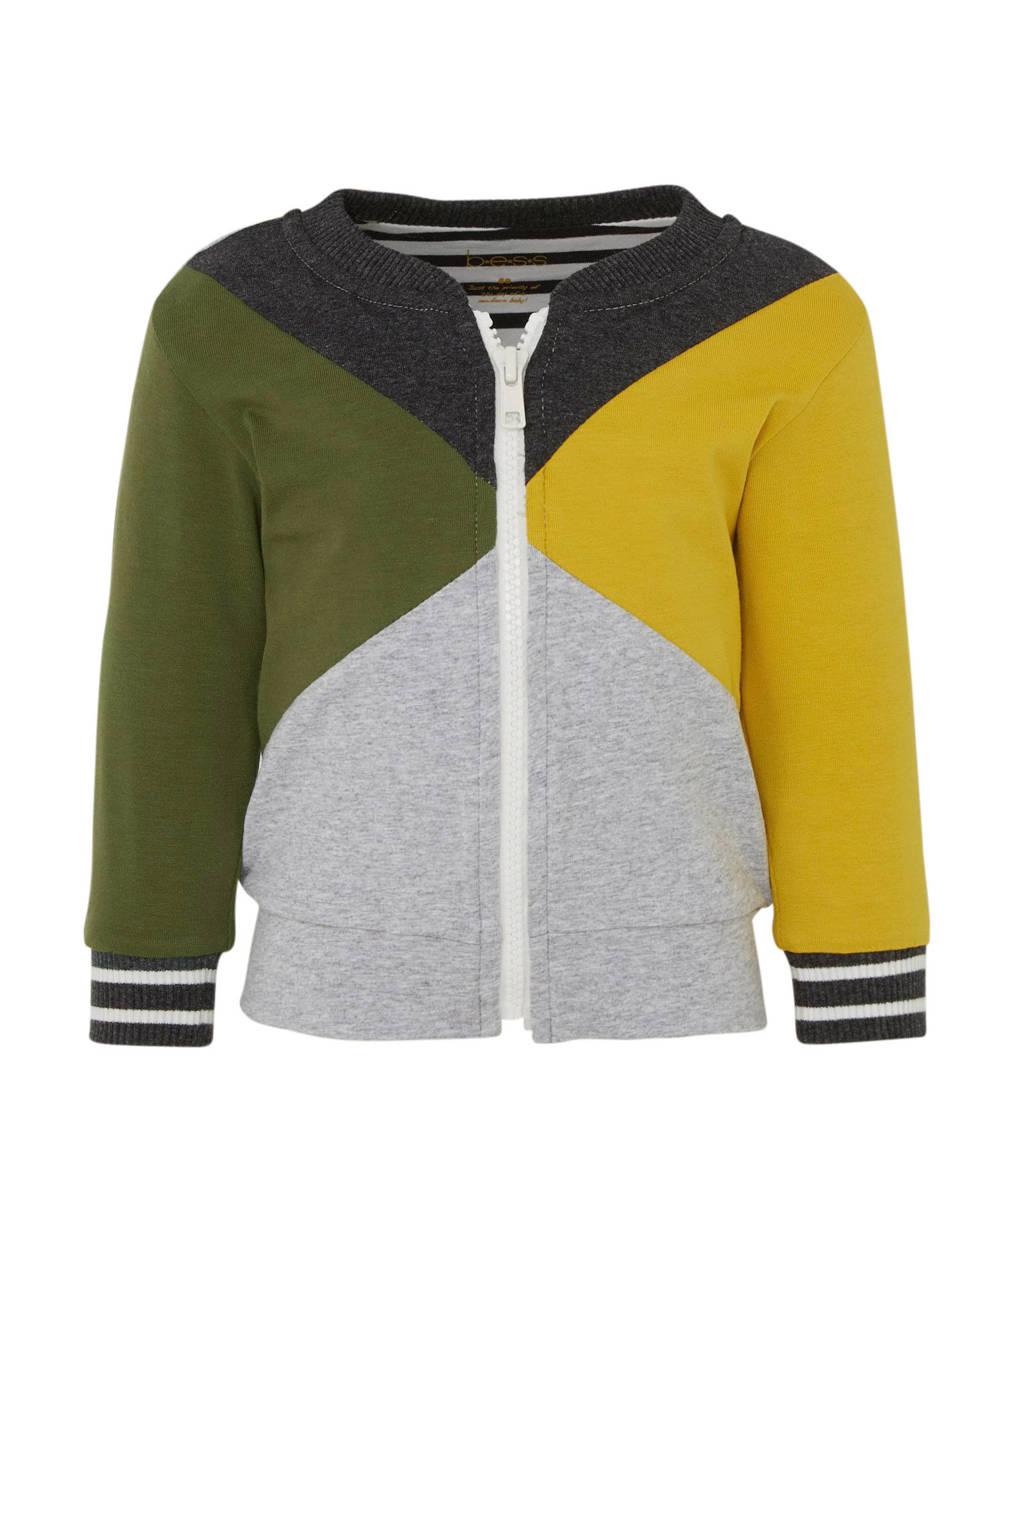 B.E.S.S baby omkeerbaar vest grijs/groen/geel, Grijs/groen/geel